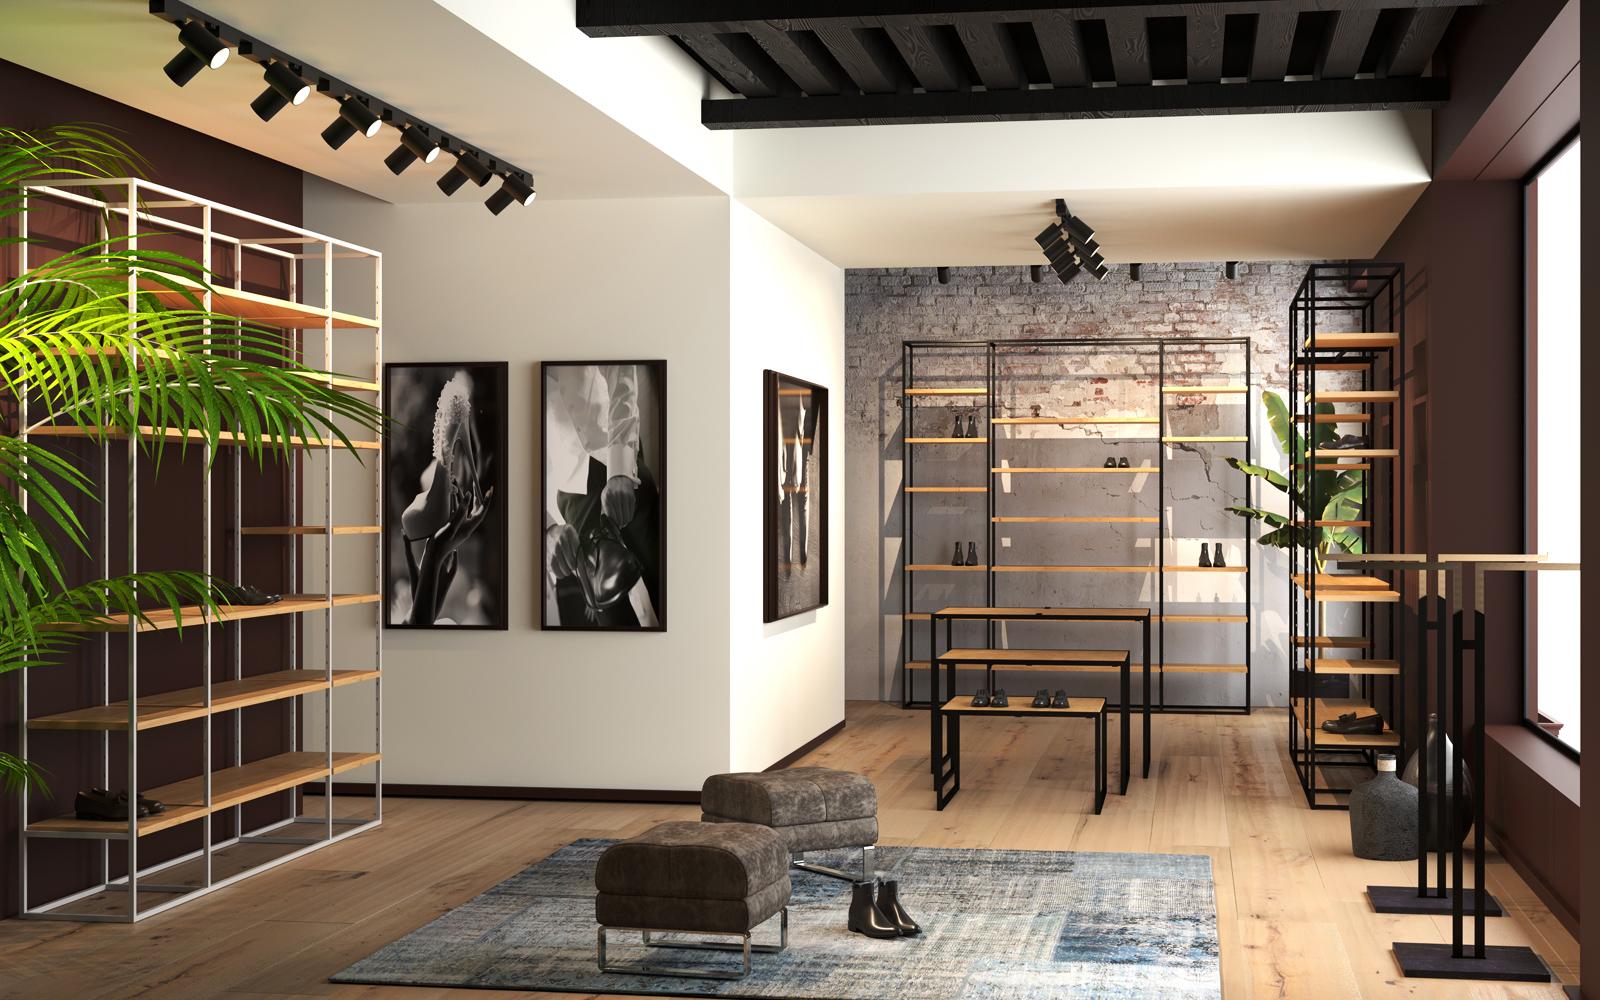 Progetti-negozi-calzature-1